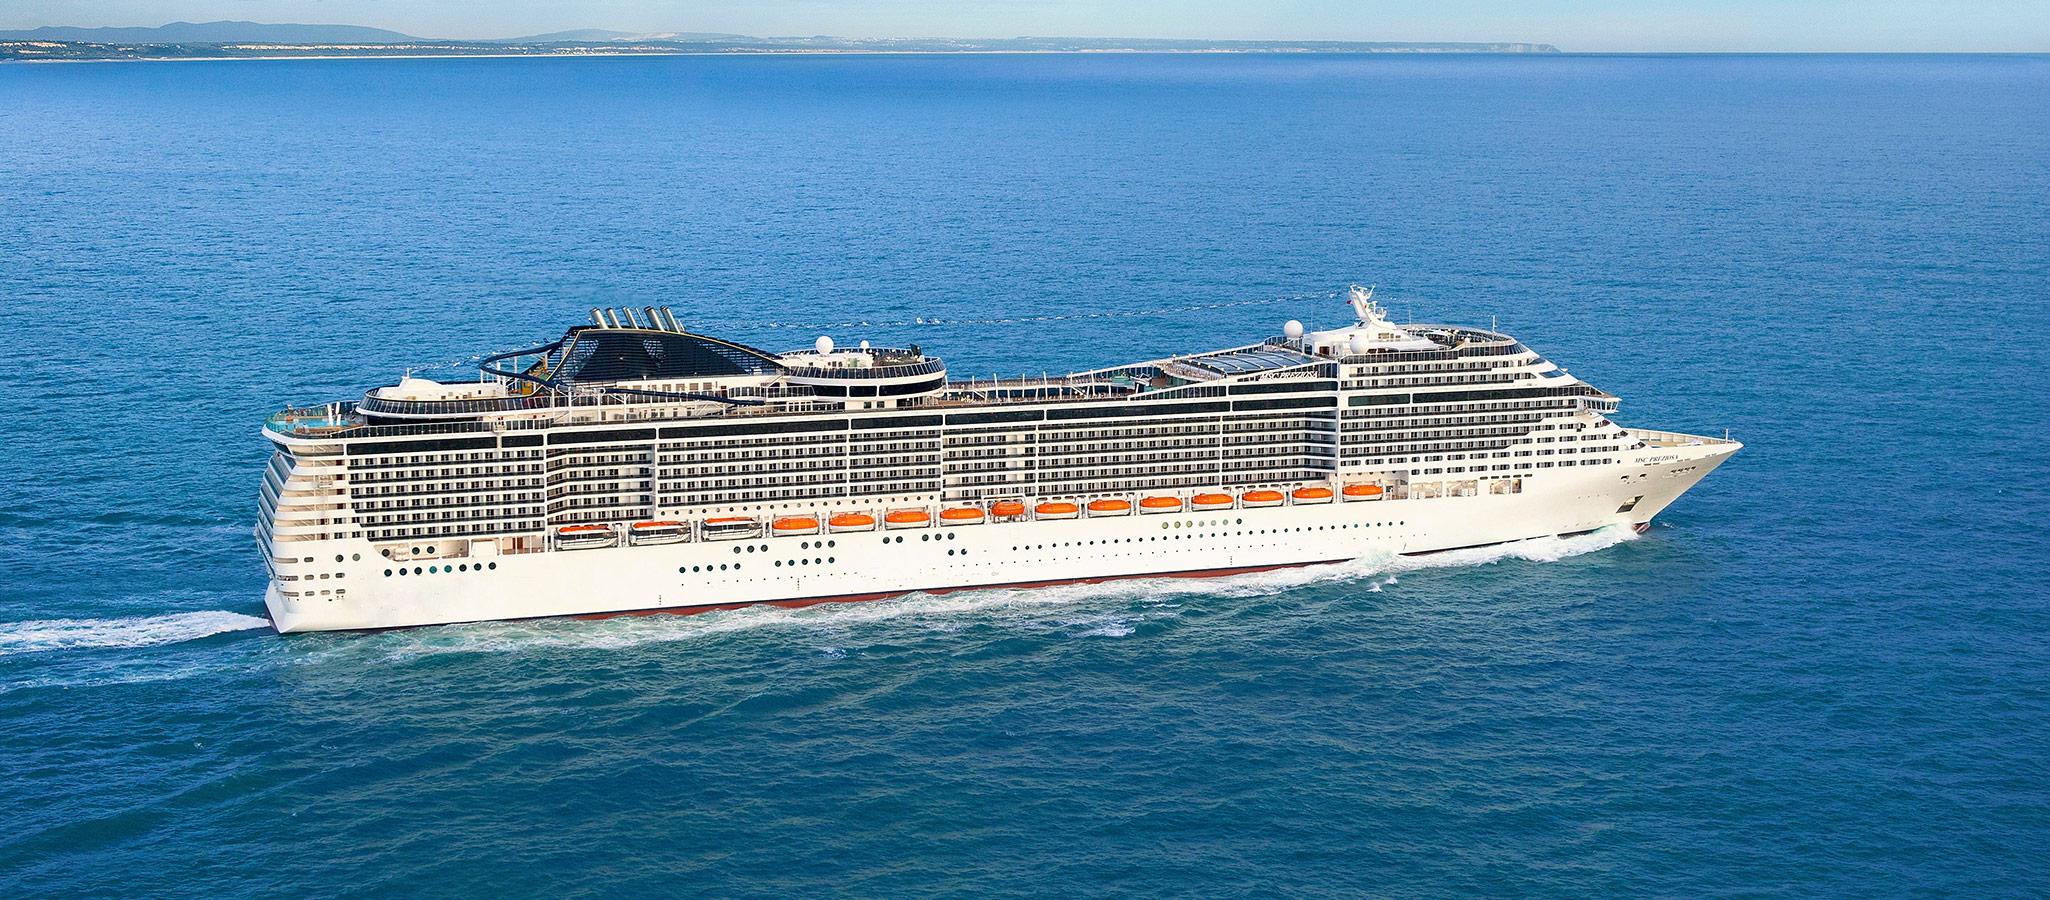 Kreuzfahrtschiffe dieser Größe werden als Ressortschiffe bezeichnet. Wie in einem Ressort befindet sich einfach alles, was es für Events, Incentives, Konferenzen und Entertainment braucht, an Bord.